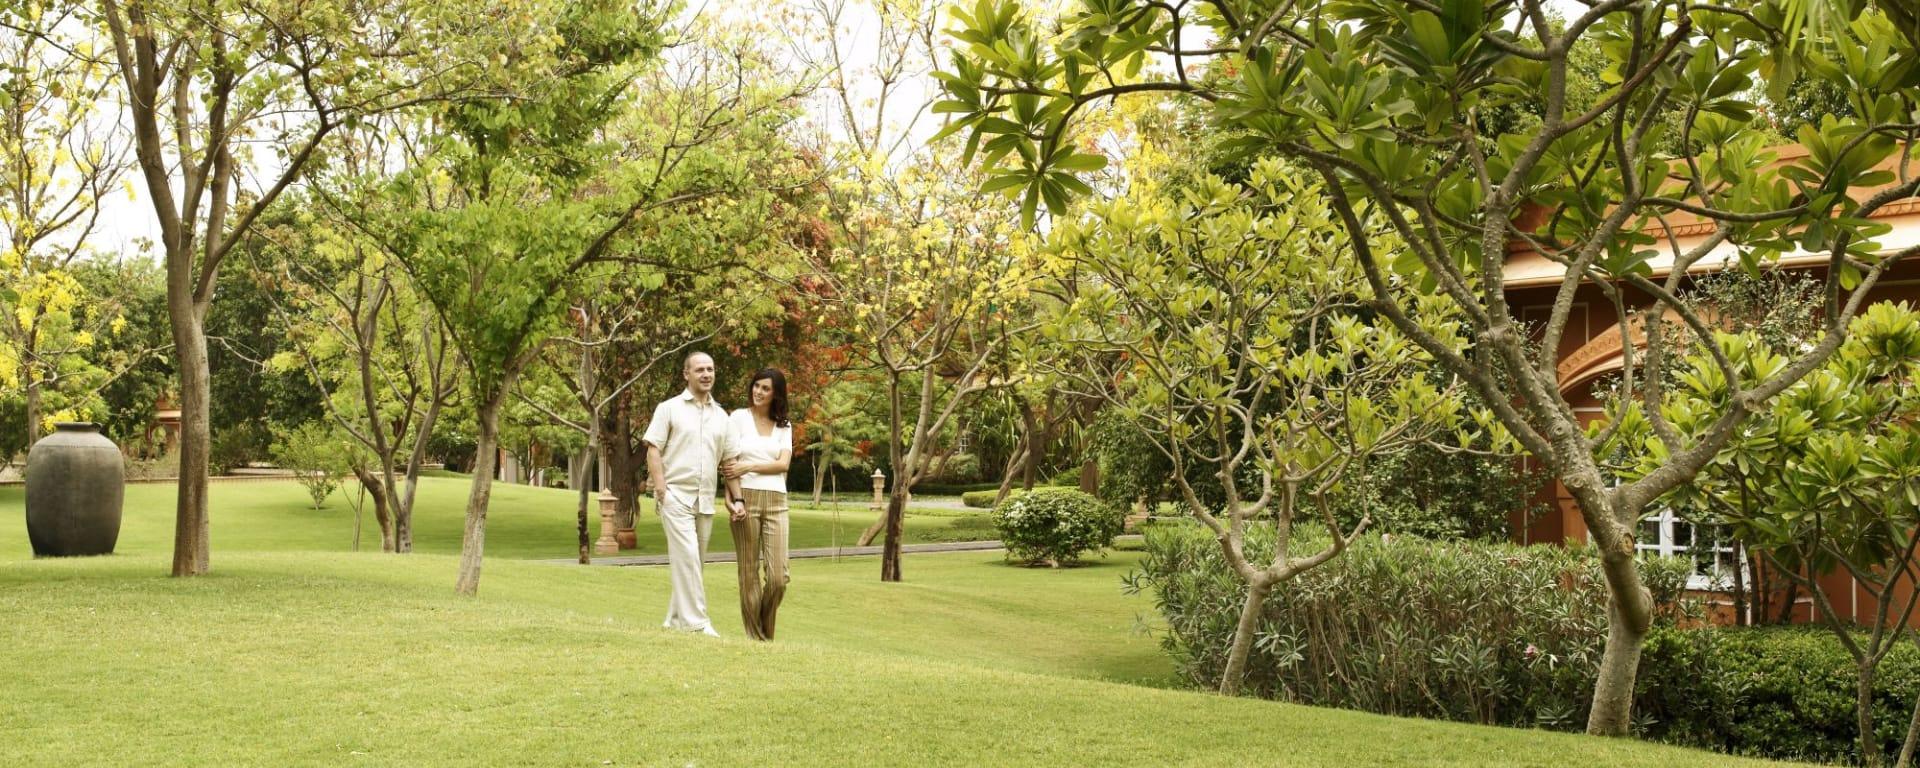 The Oberoi Rajvilas in Jaipur: Garden